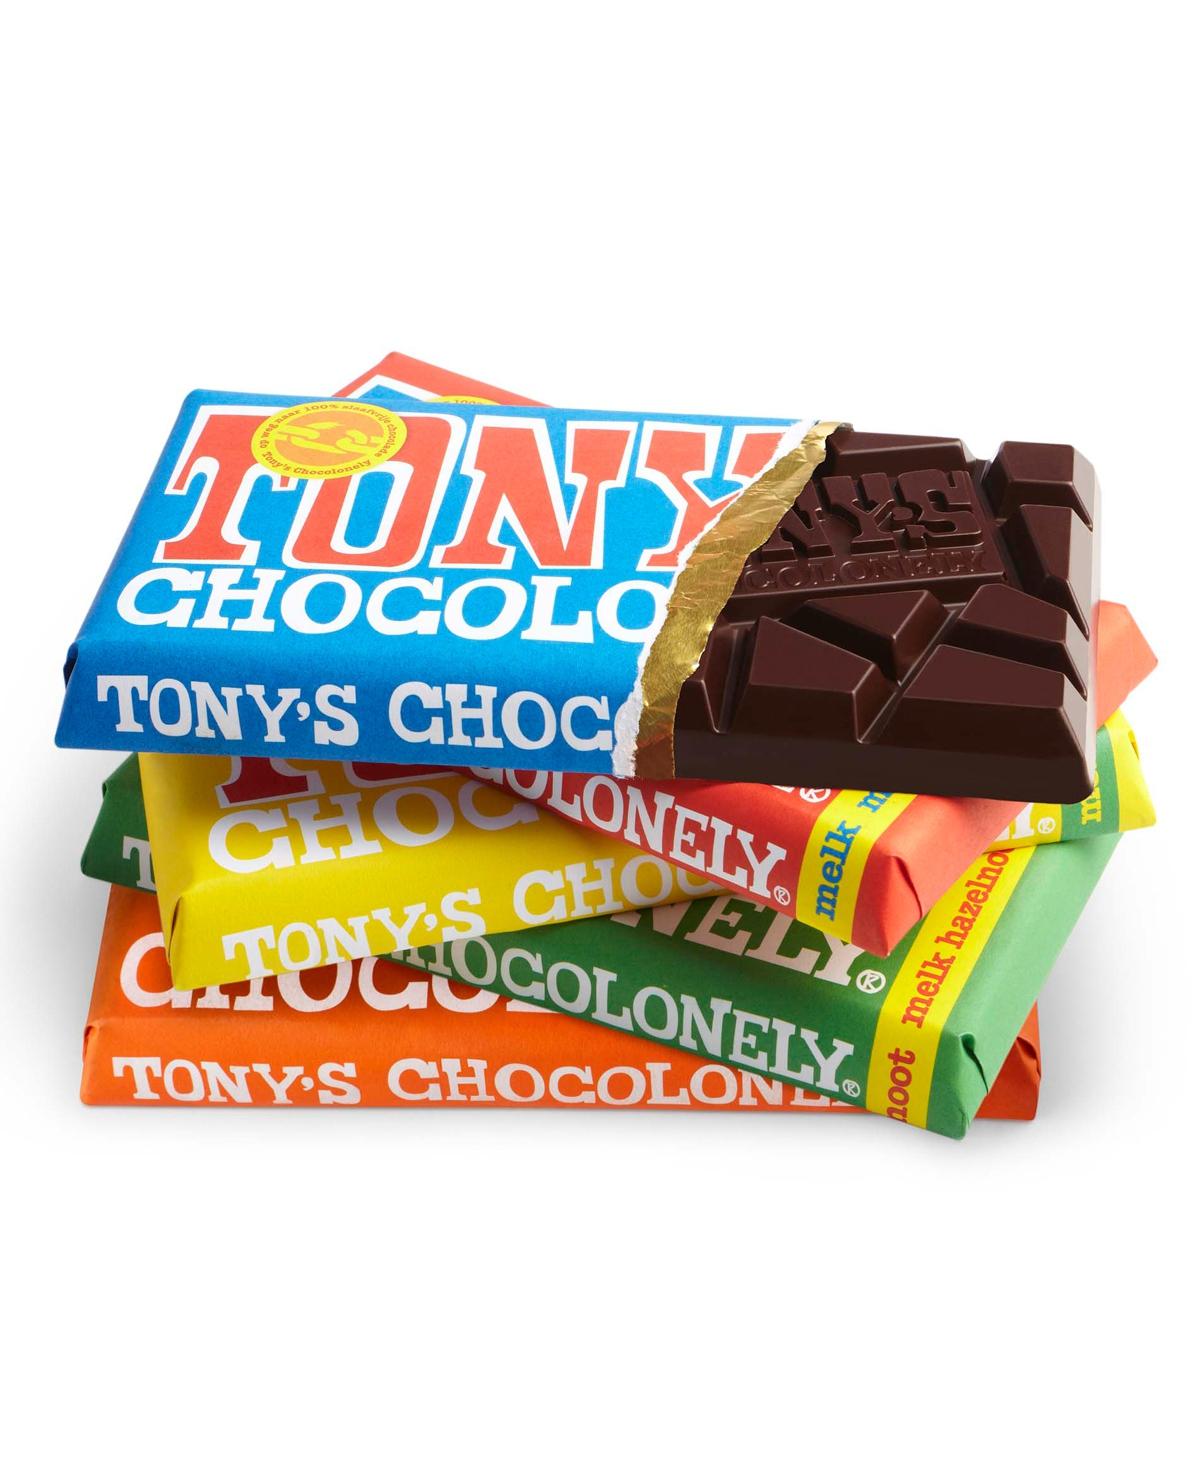 YES: Tony's Chocolonely opent een chocoladepretpark!